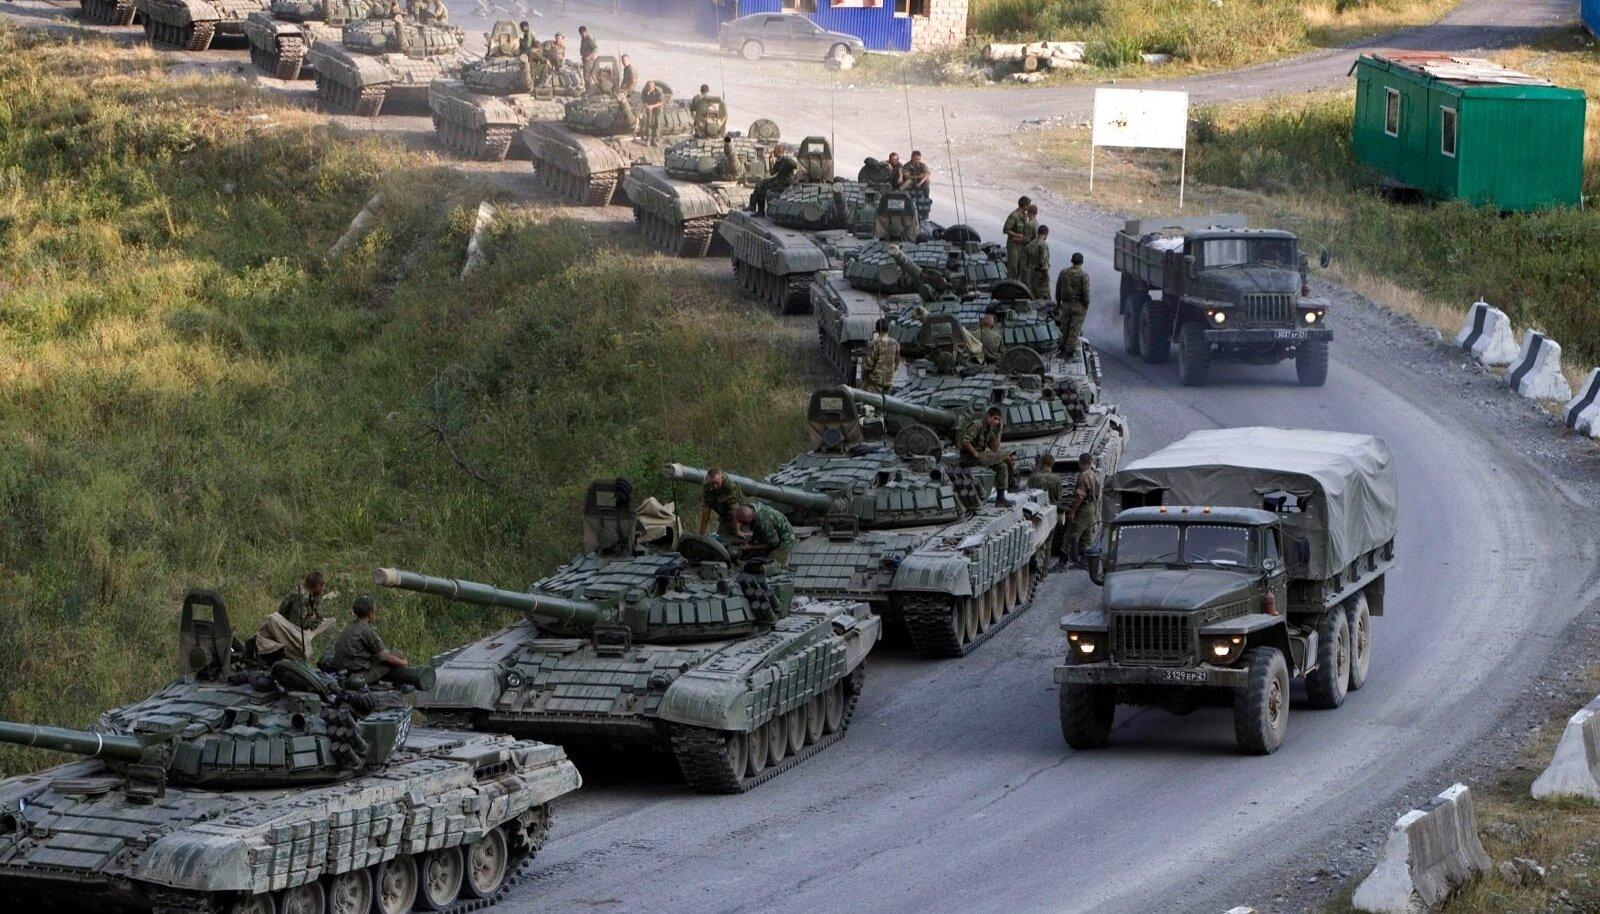 Vene-Gruusia sõda näitas, et nii tankidel kui ka suurtükiväel on tänapäeva sõjas oluline koht.